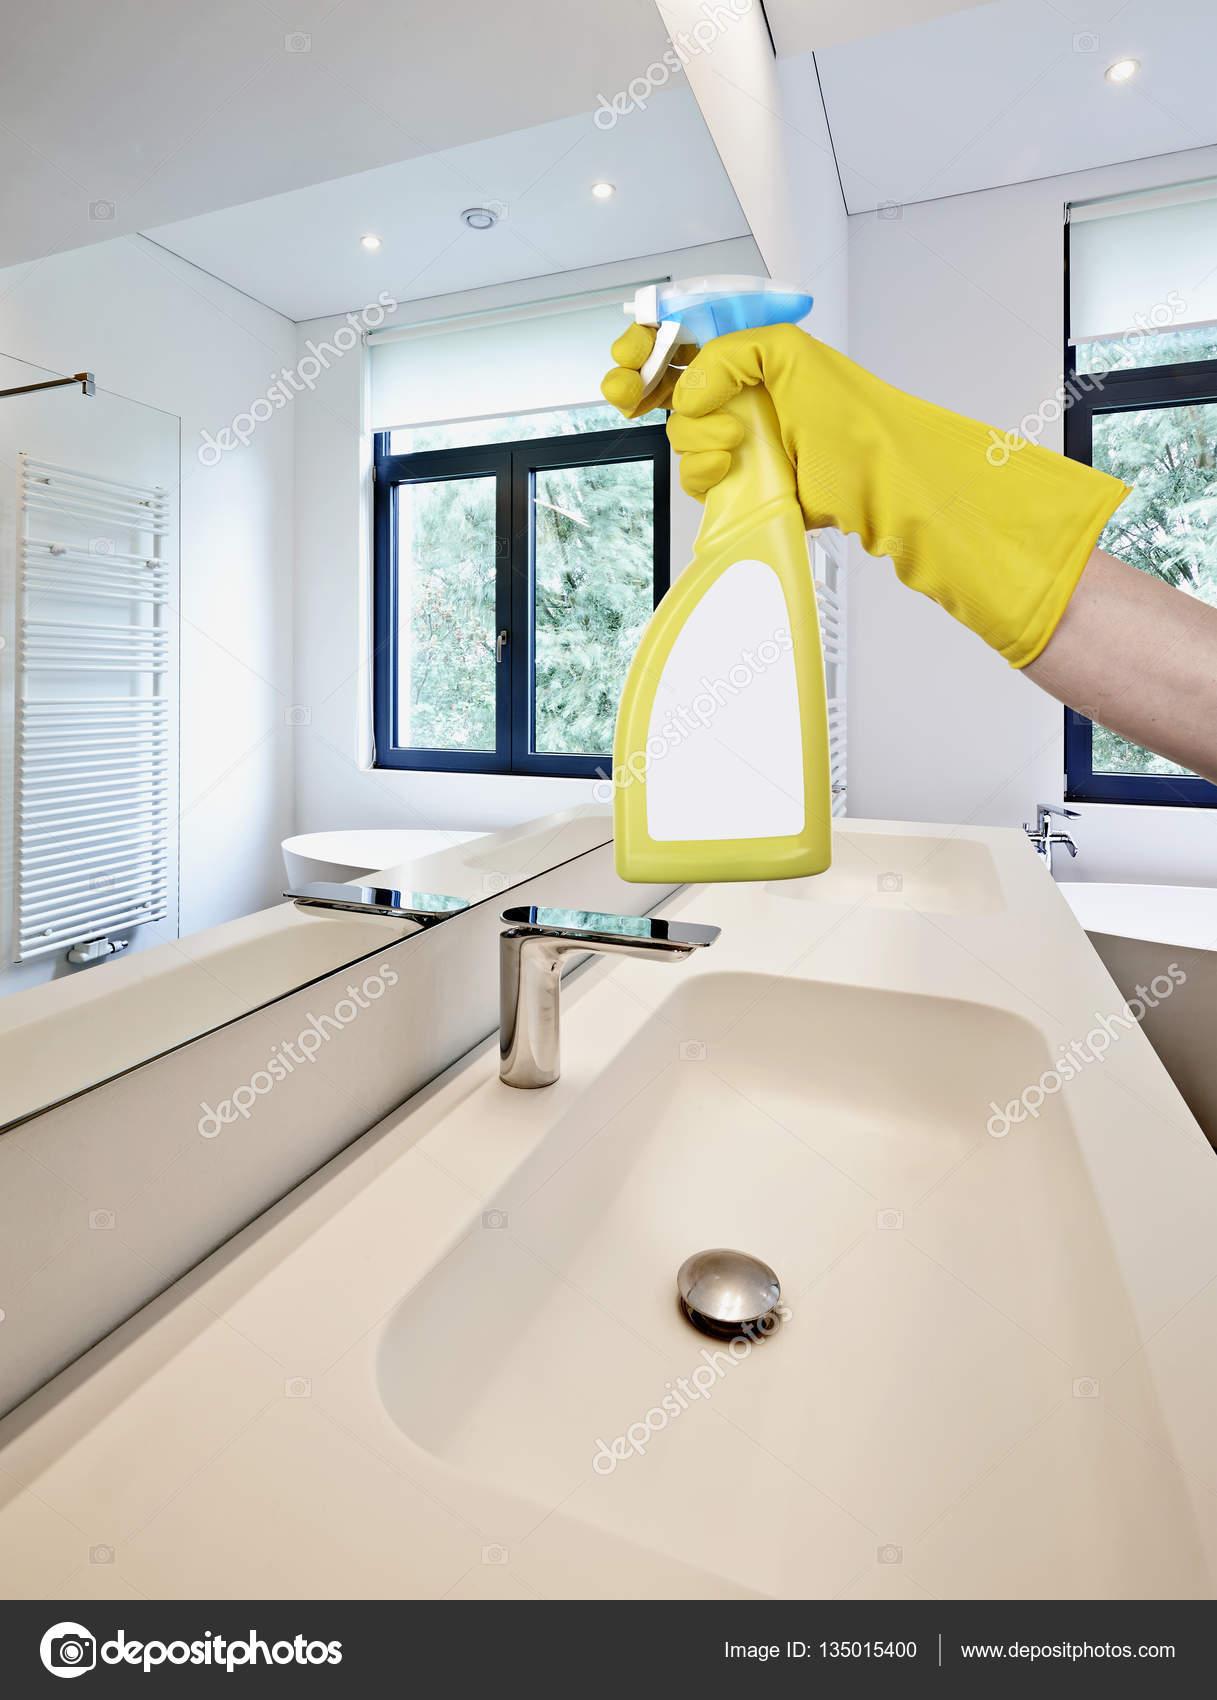 Spiegel in de badkamer schoonmaken — Stockfoto © Bombaert #135015400